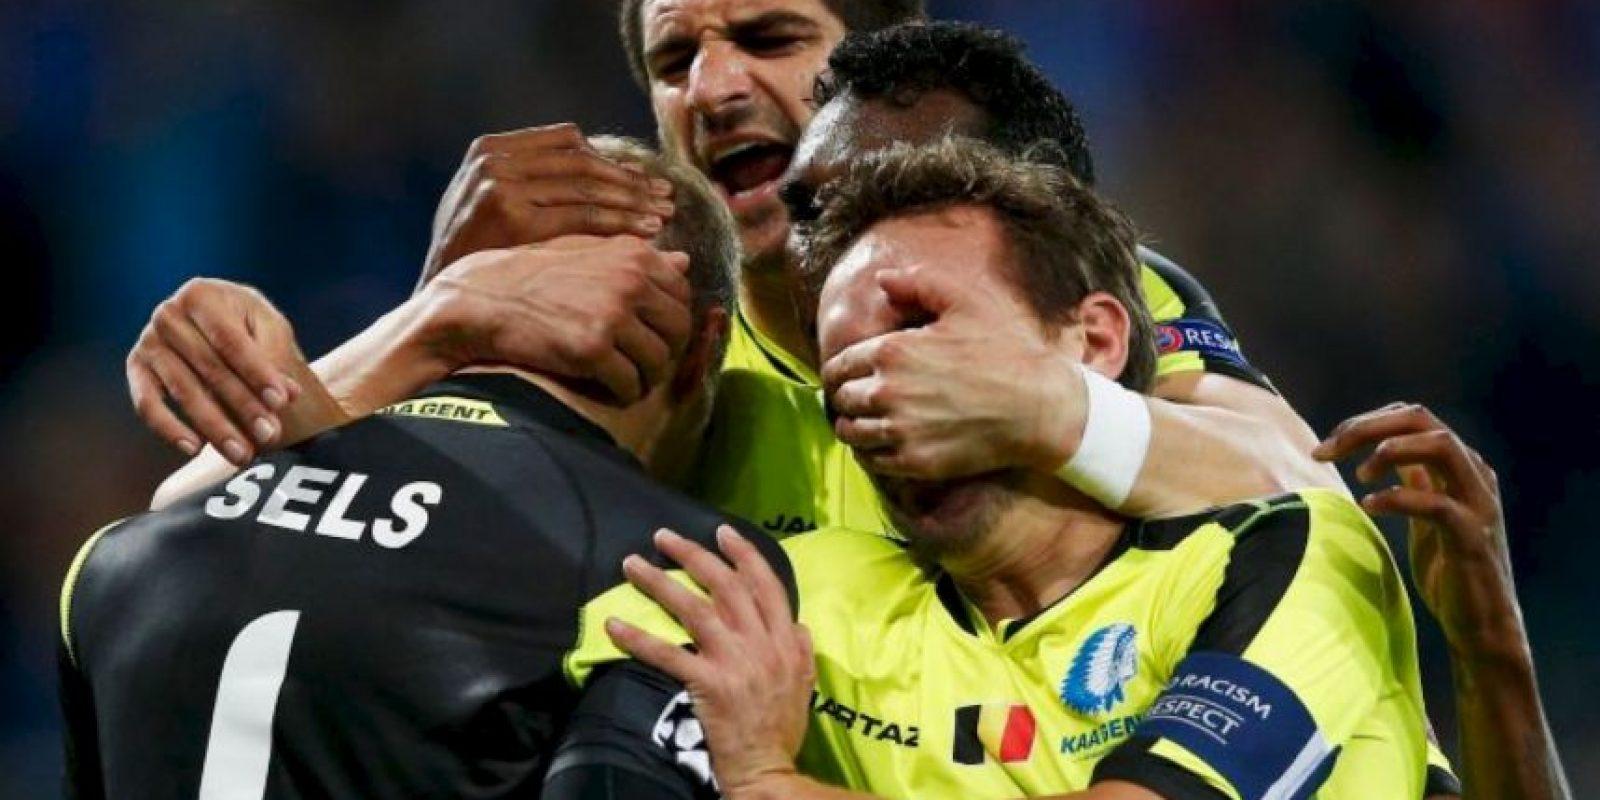 La escuadra belga dio la sorpresa en el Grupo H con 10 puntos, equivalentes a 22.5 millones de euros Foto:Getty Images